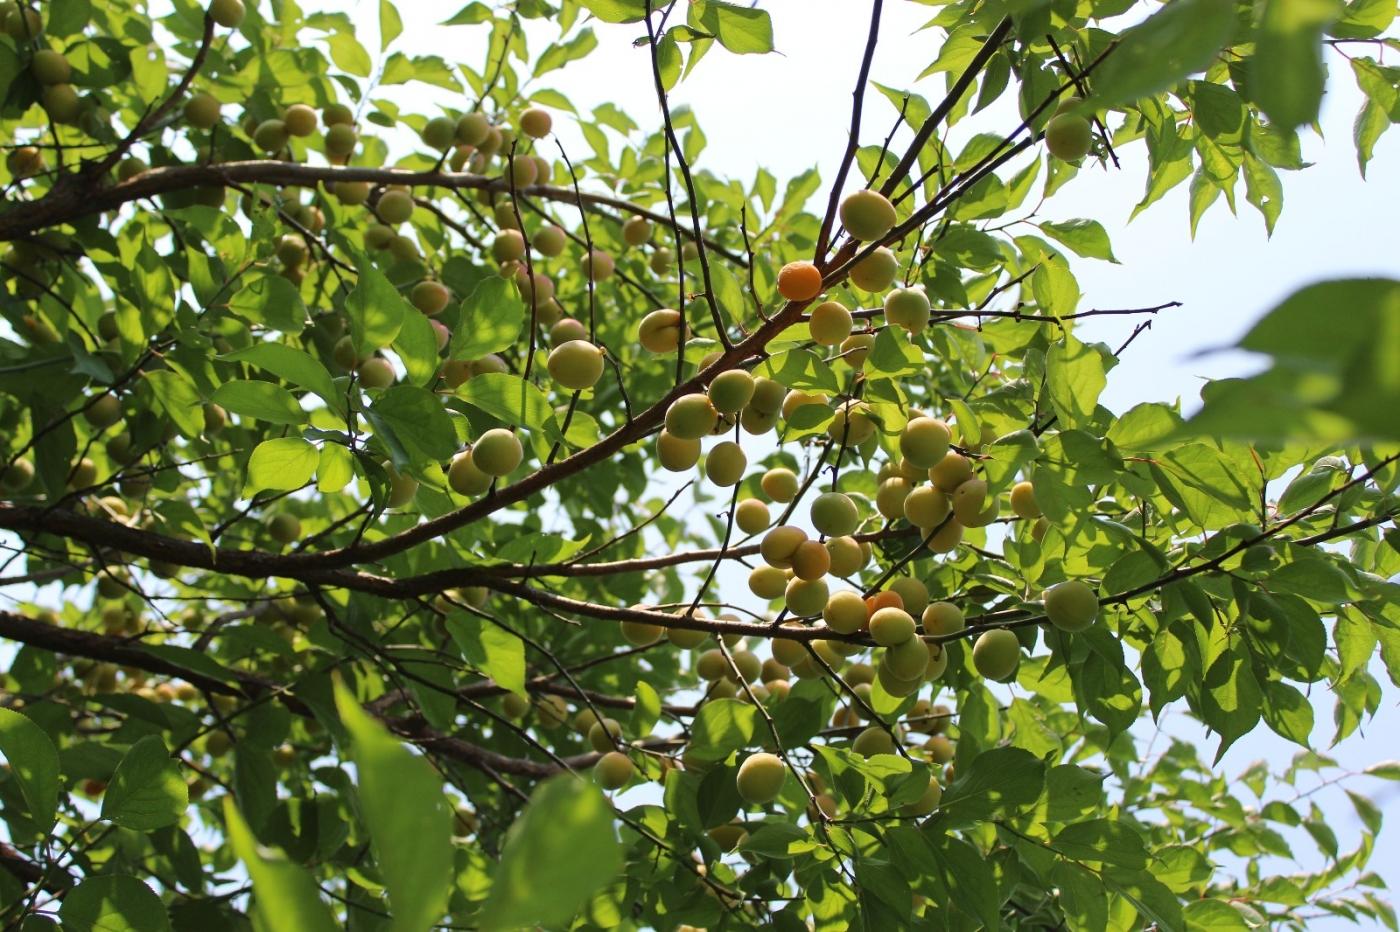 梅花的果实_图1-25